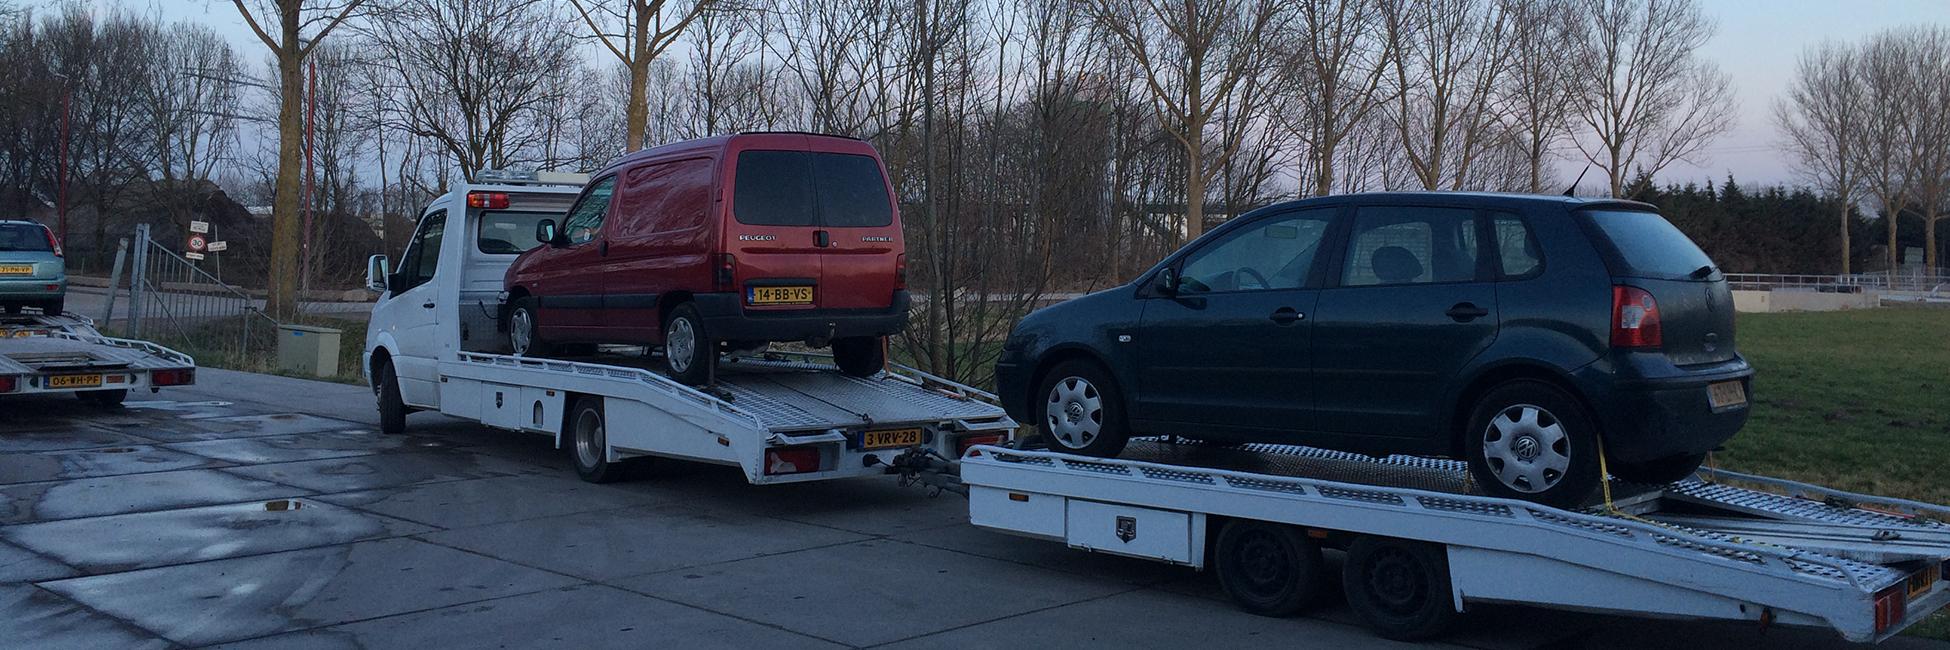 Mijn Auto Verkopen Alkmaar